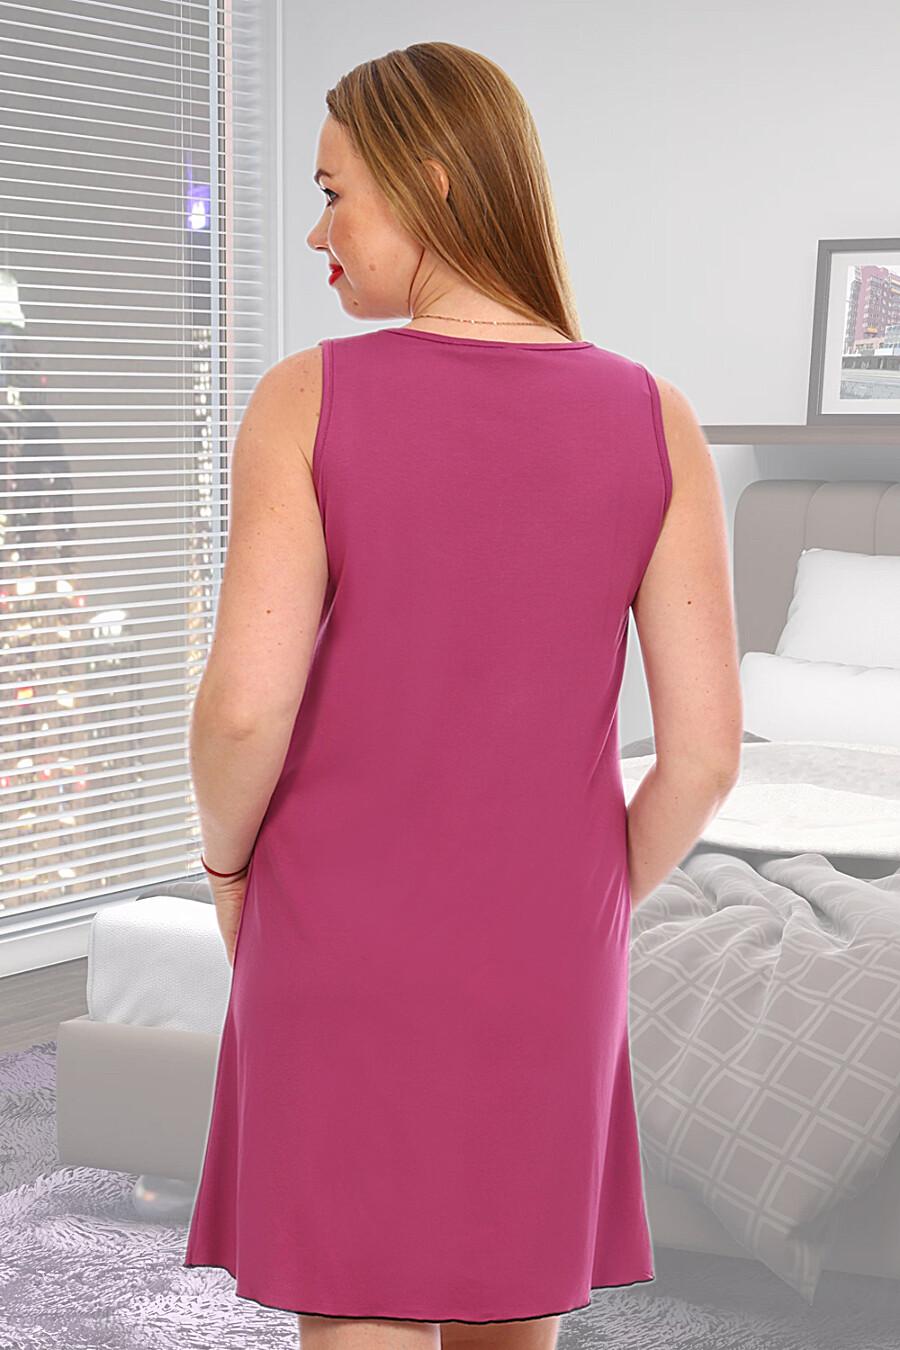 Сорочка 6358 для женщин НАТАЛИ 348393 купить оптом от производителя. Совместная покупка женской одежды в OptMoyo